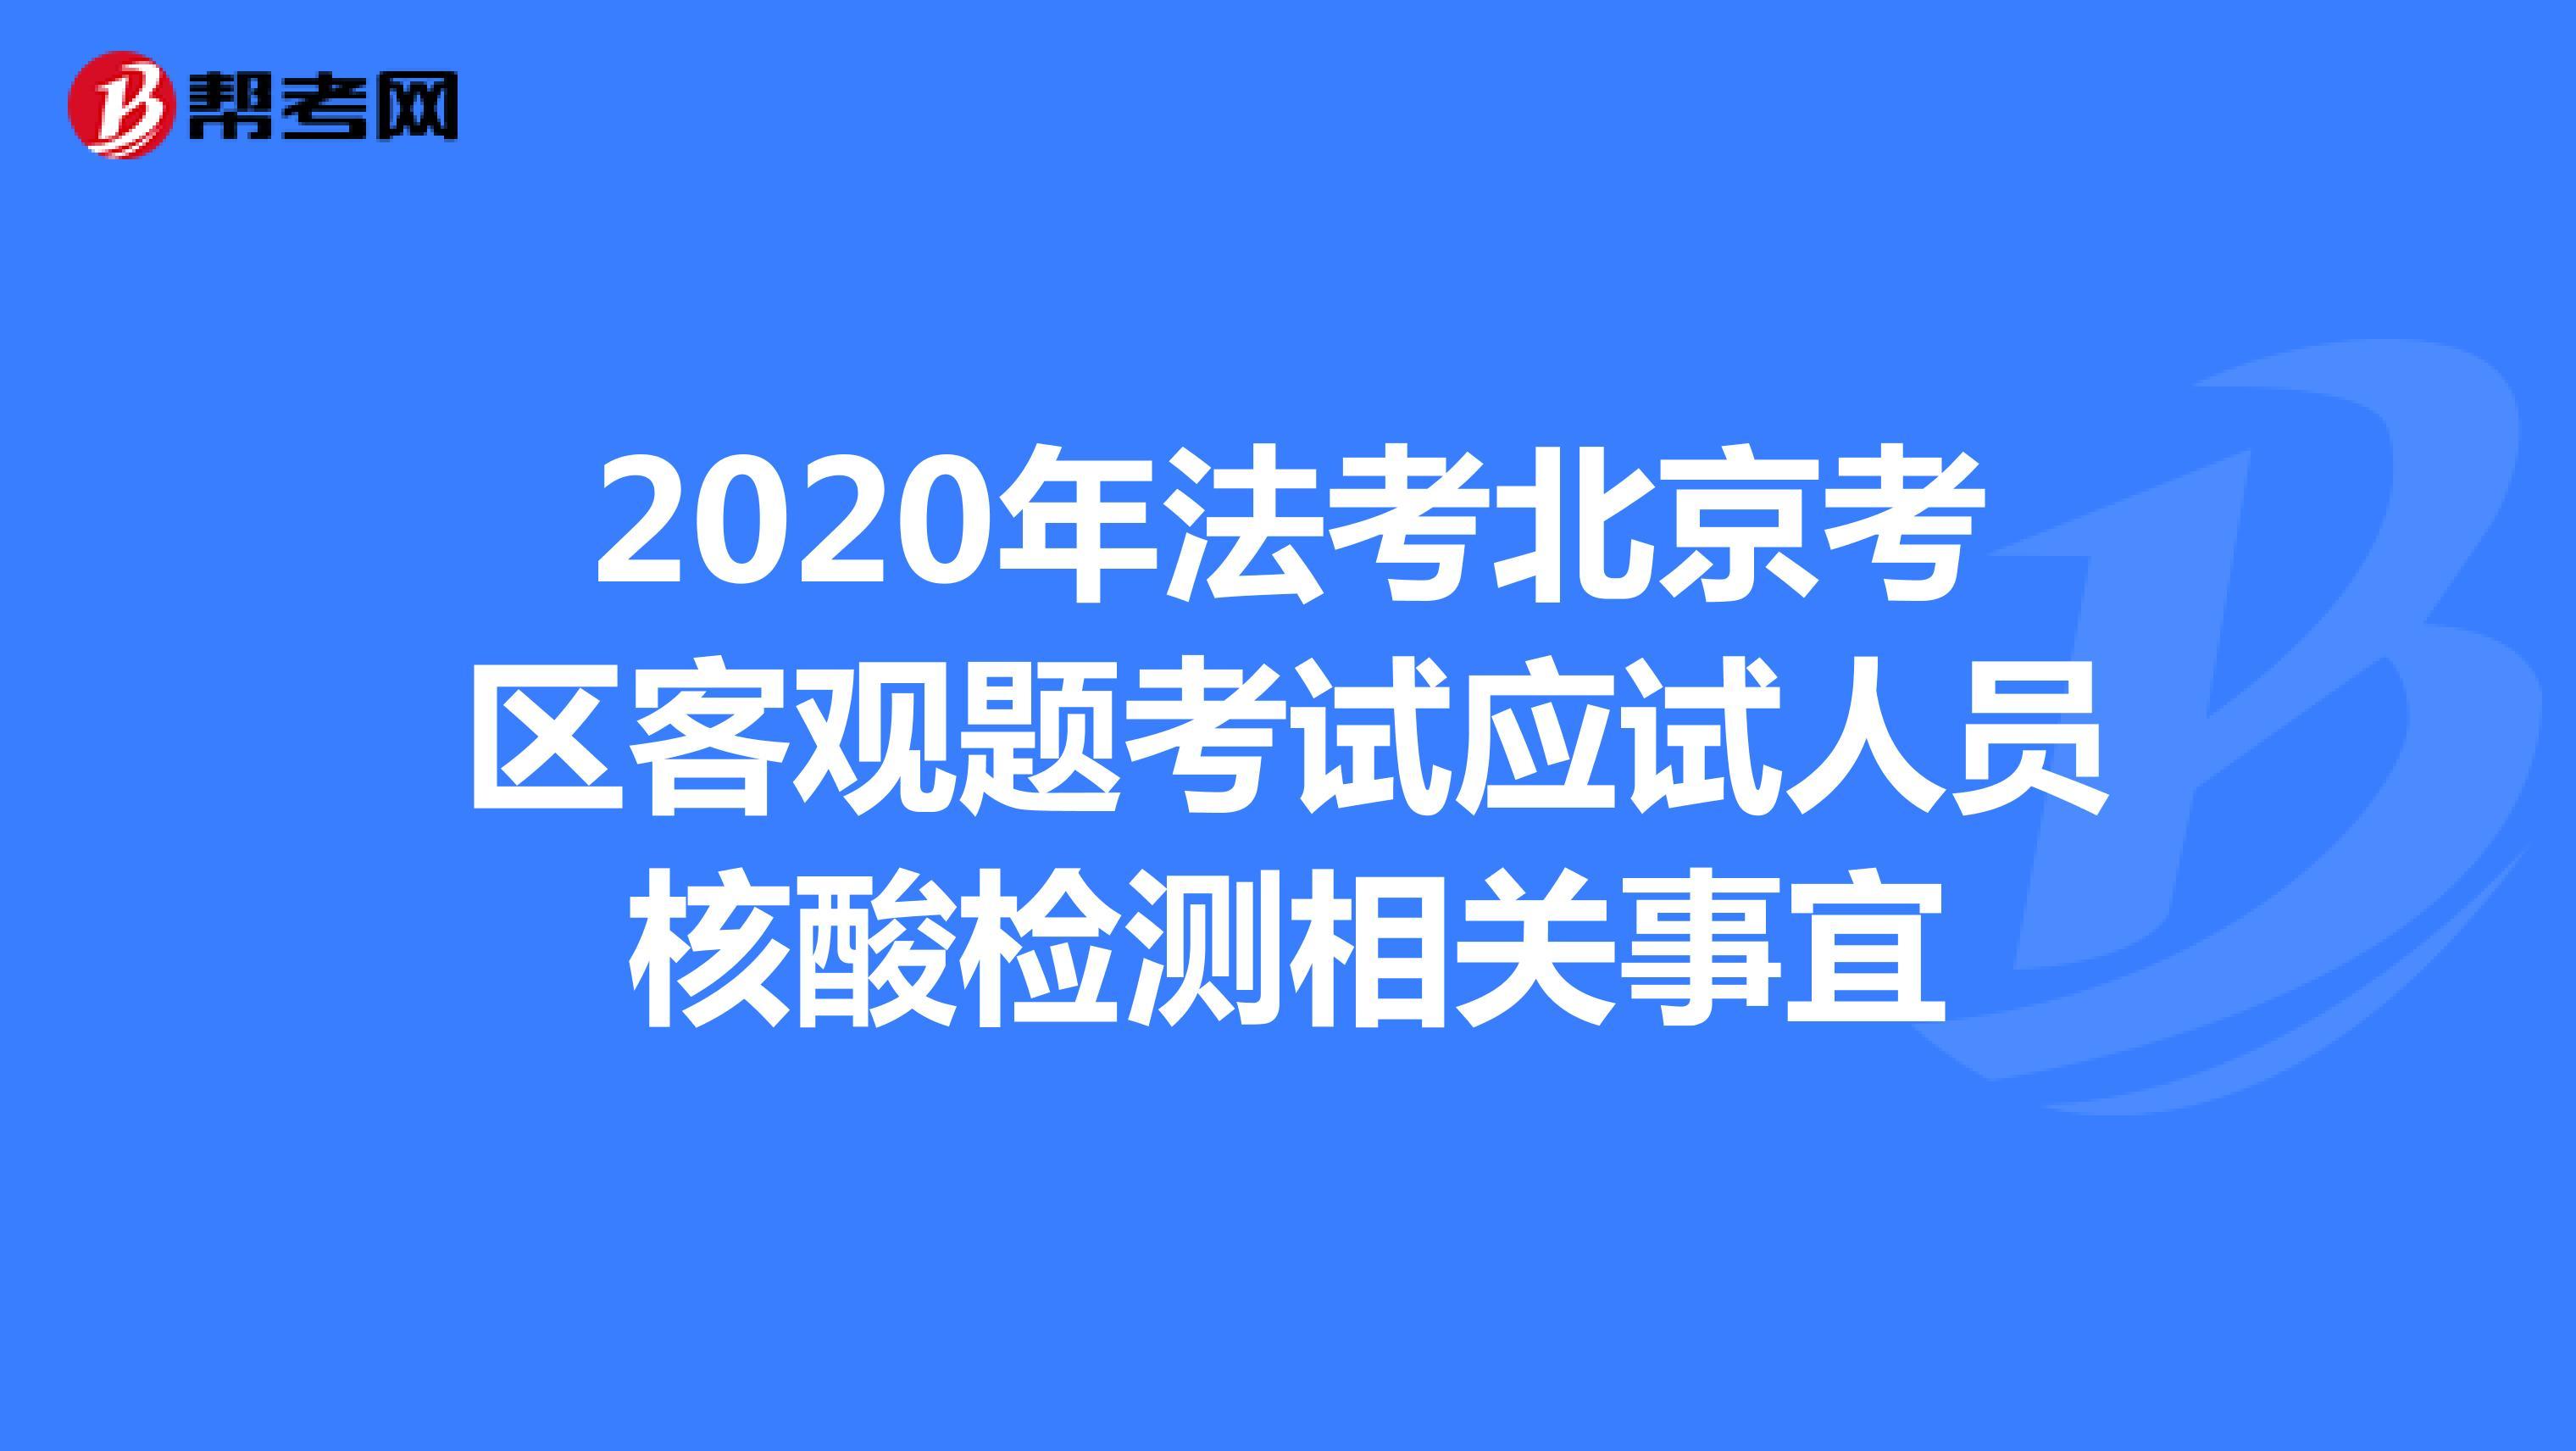 2020年法考北京考区客观题Beplay官方应试人员核酸检测相关事宜